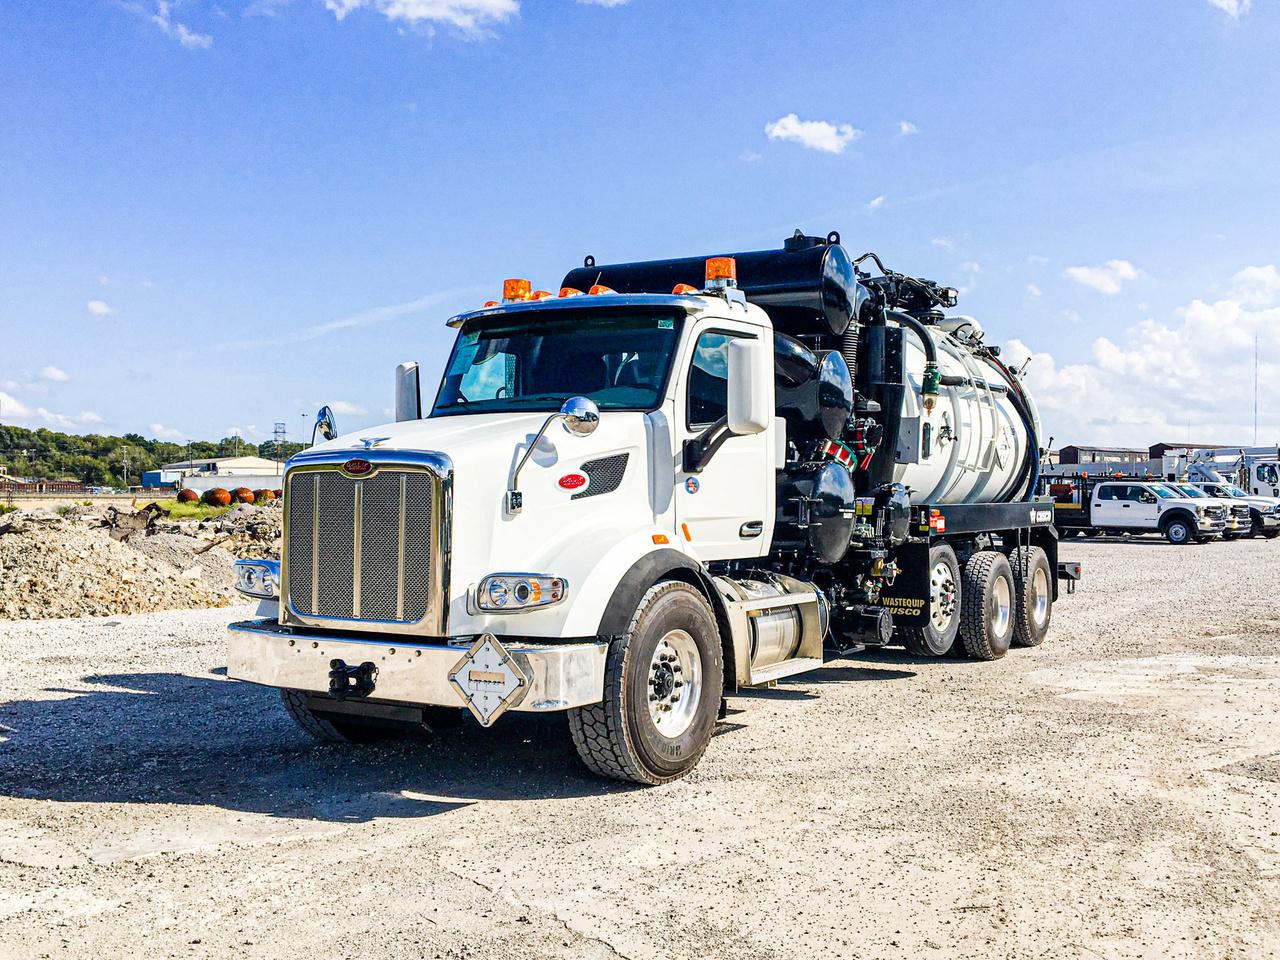 2020 Peterbilt 567 8x4 CUSCO TurboVac 3627B Hydrovac Truck